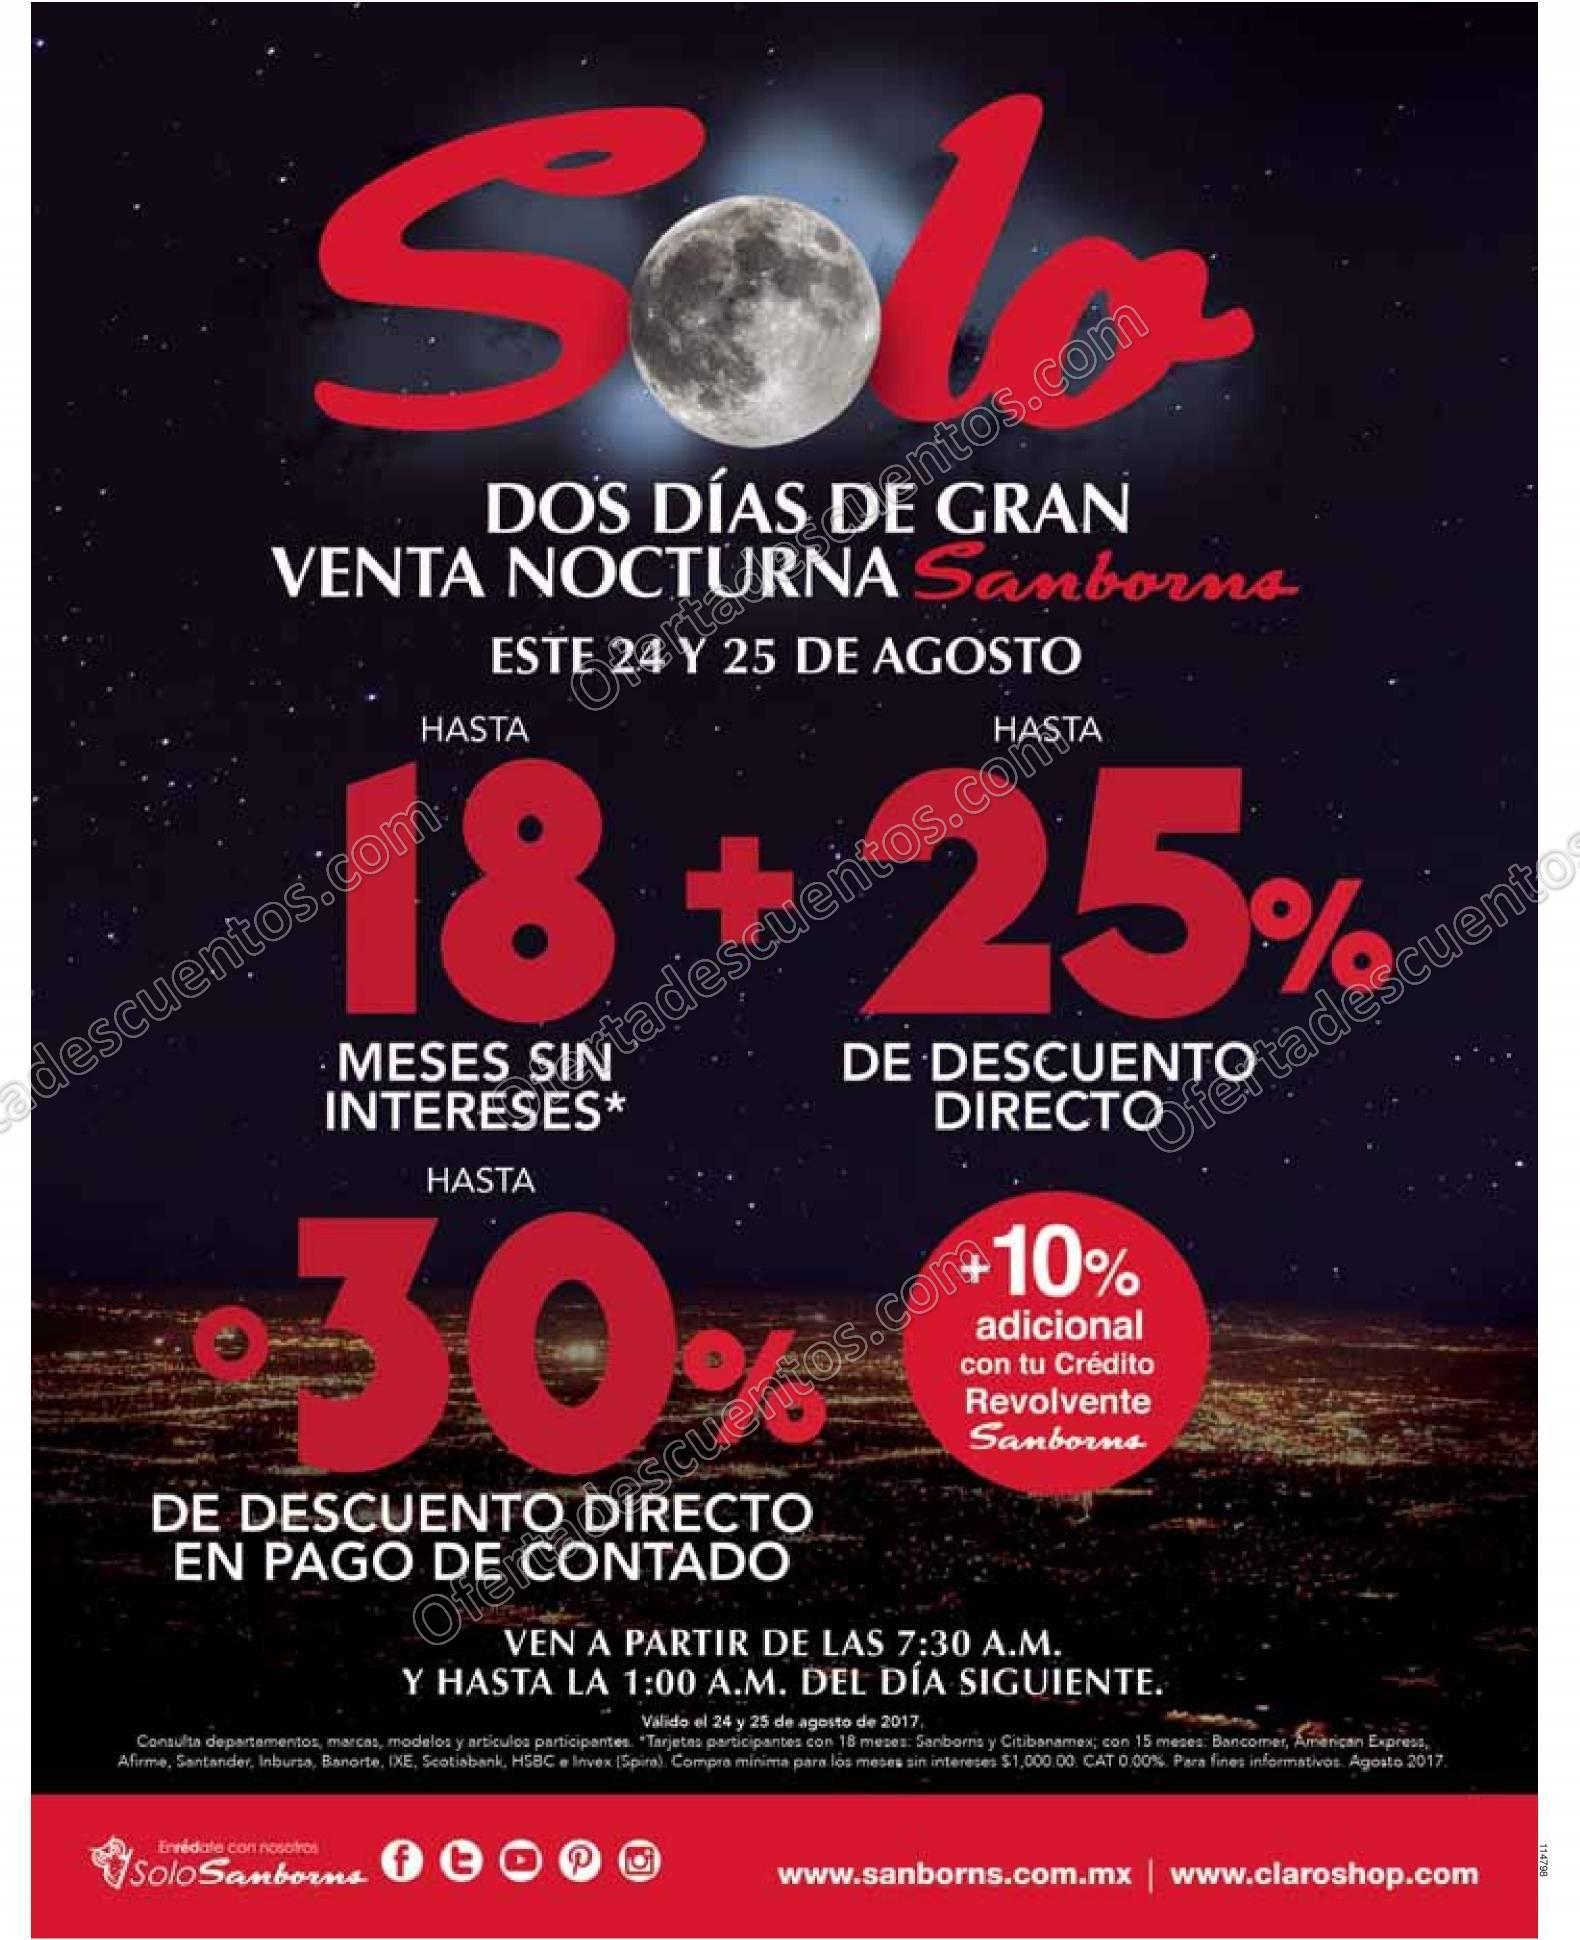 Venta Nocturna Sanborns 24 y 25 de Agosto 2017